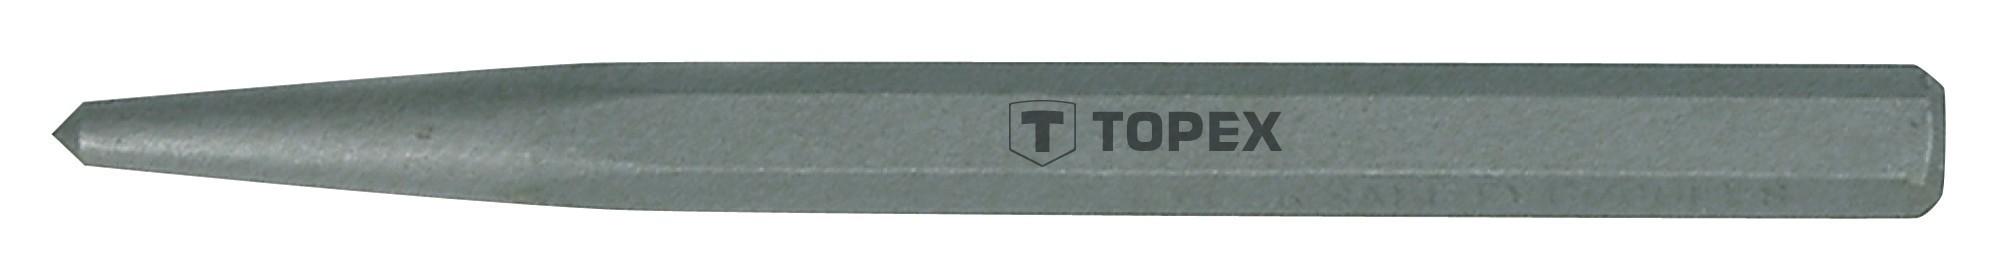 Pontozó 6,3 mm x 100 mm | TOPEX 03A441